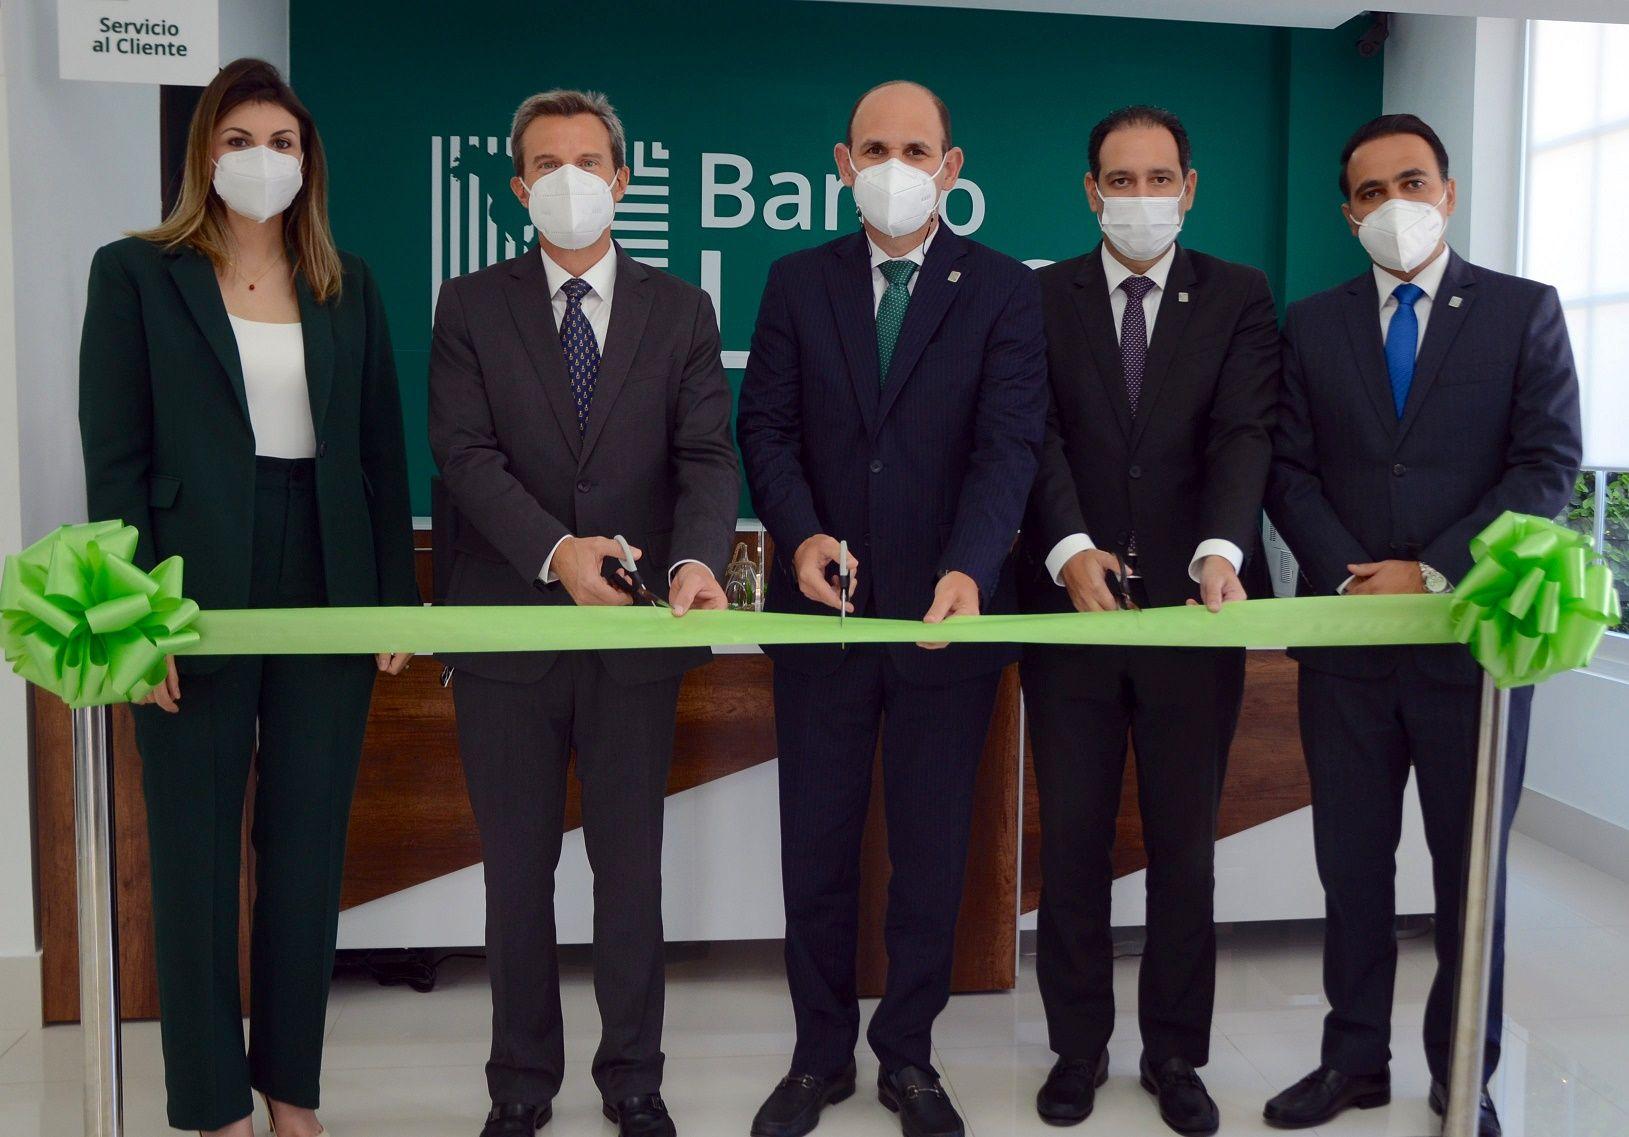 """<h1><span style=""""font-family: 'arial black', sans-serif;"""">Banco Múltiple LAFISE inaugura Centro de Negocios en Santiago</span></h1>"""